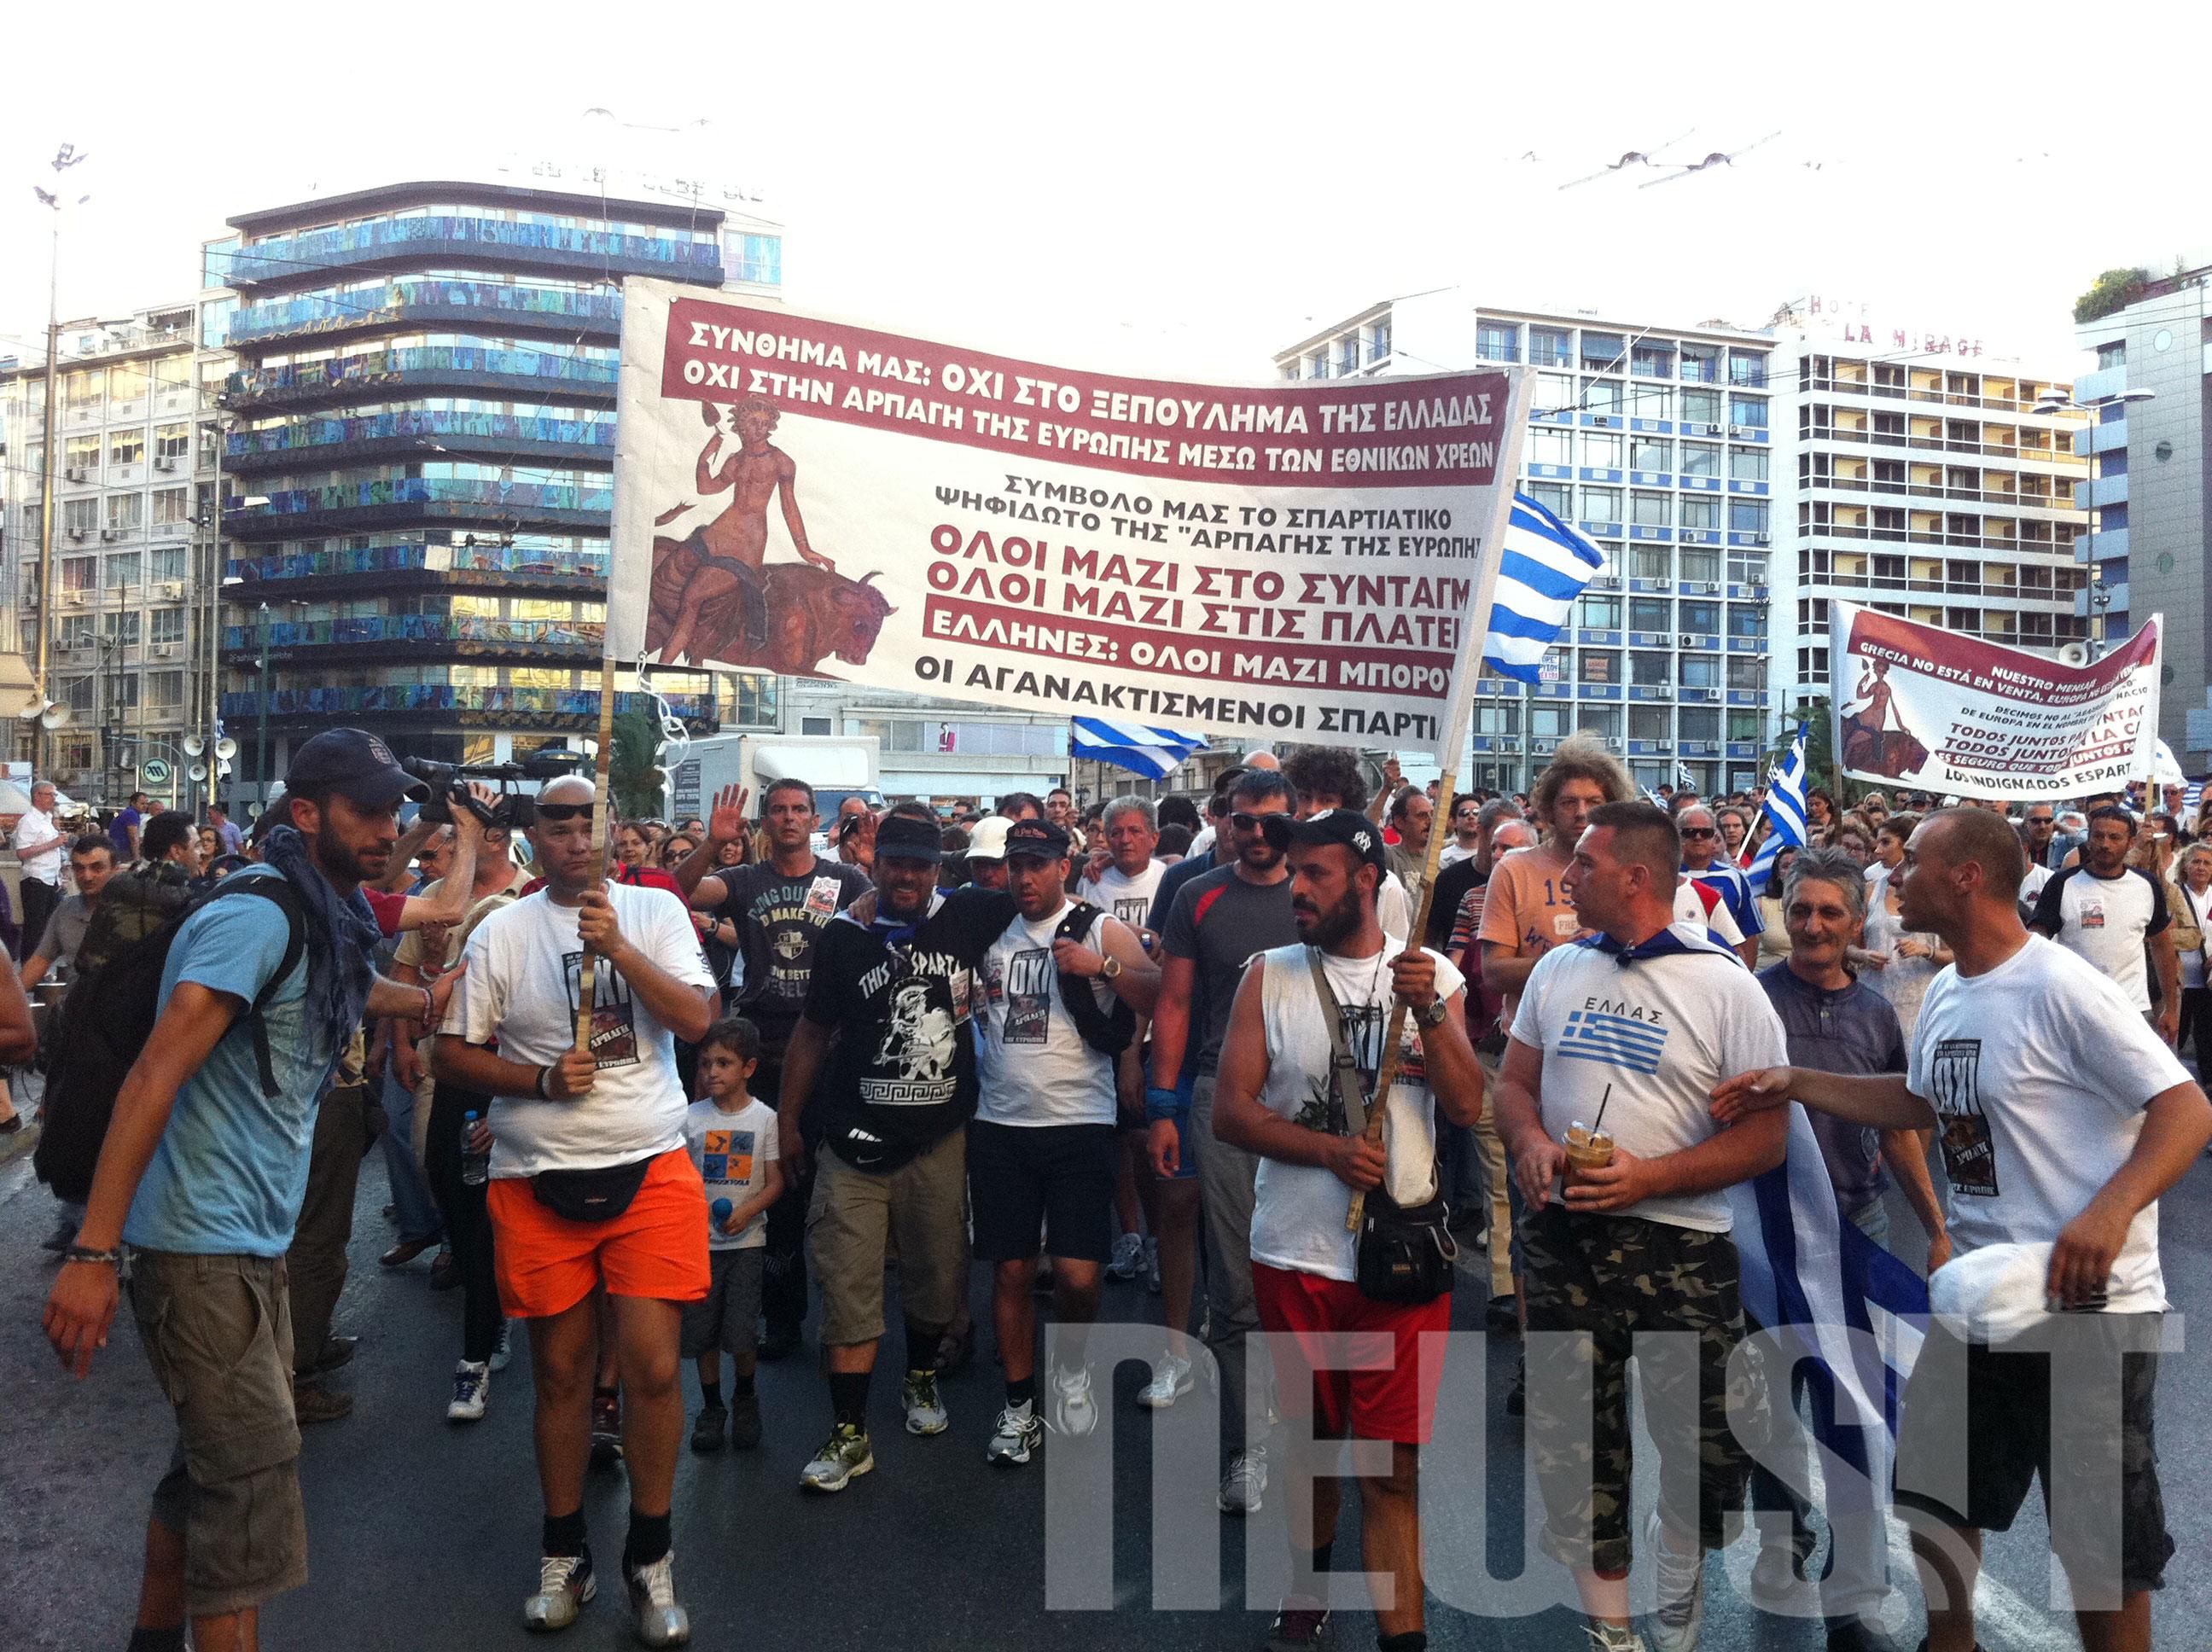 ΩΡΑ 20:10 Η πορεία των Αγανακτισμένων Σπαρτιατών προς το Σύνταγμα μέσω της Σταδίου, ξεκινά